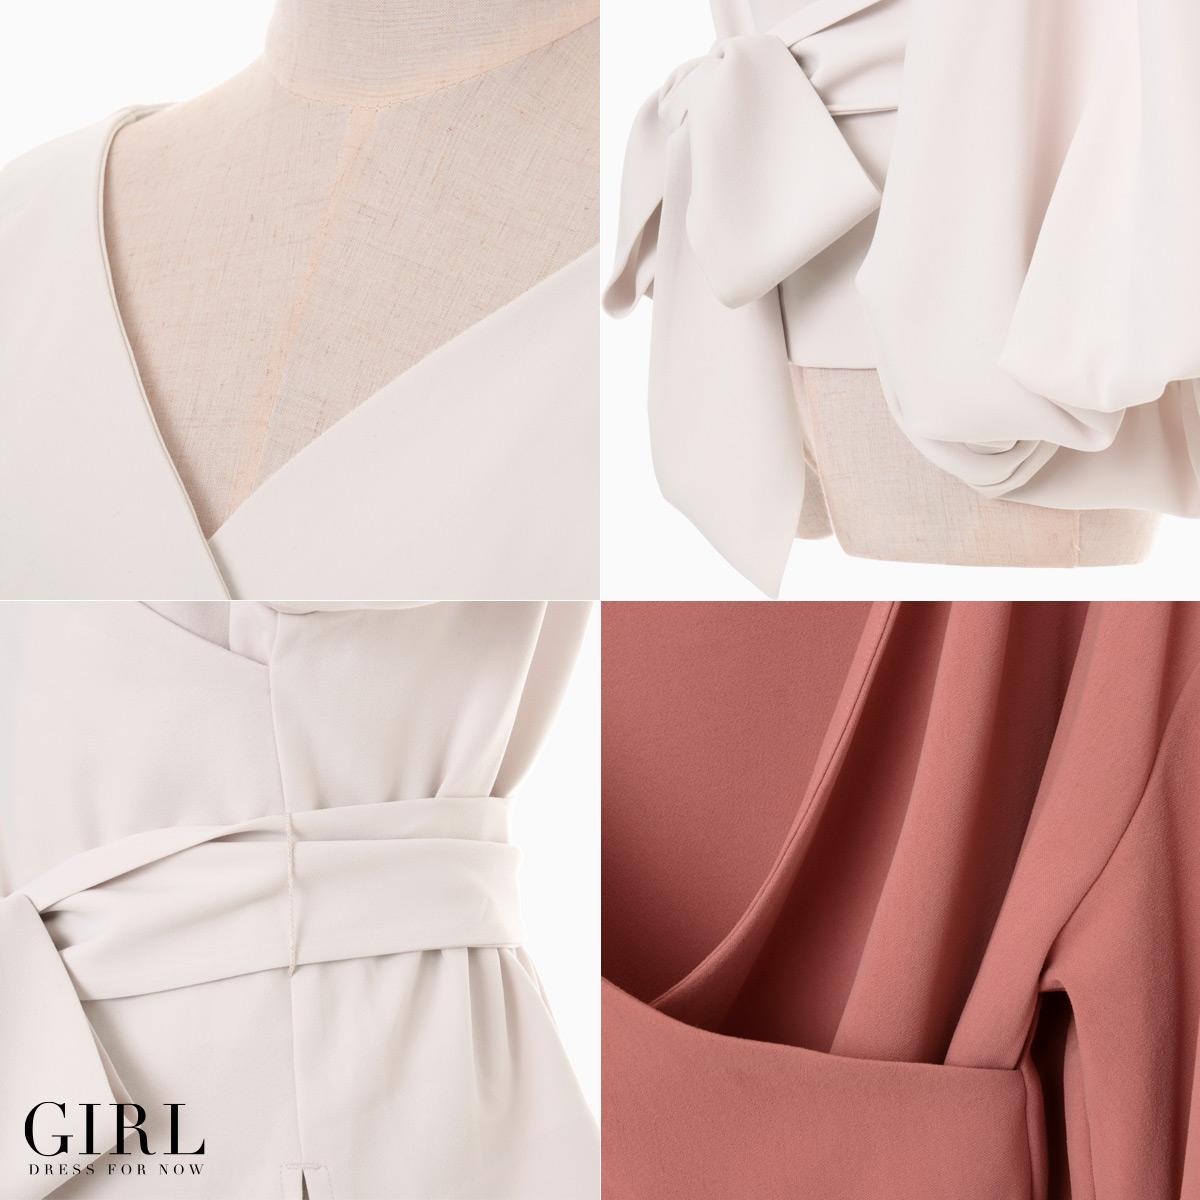 Dress shop GIRL | Rakuten Global Market: It is winter in spring in ...